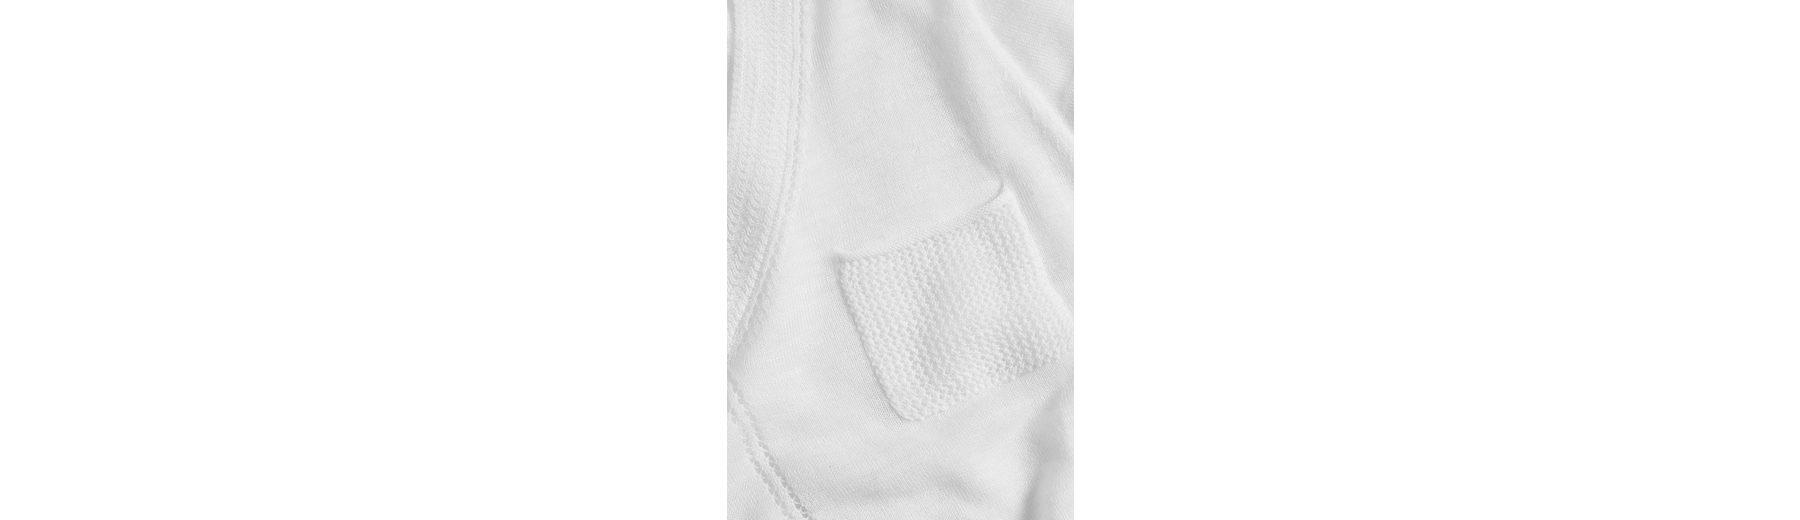 Ausschnitt T mit Next Kurz盲rmeliges Next Shirt V Kurz盲rmeliges T 7Twq8Td